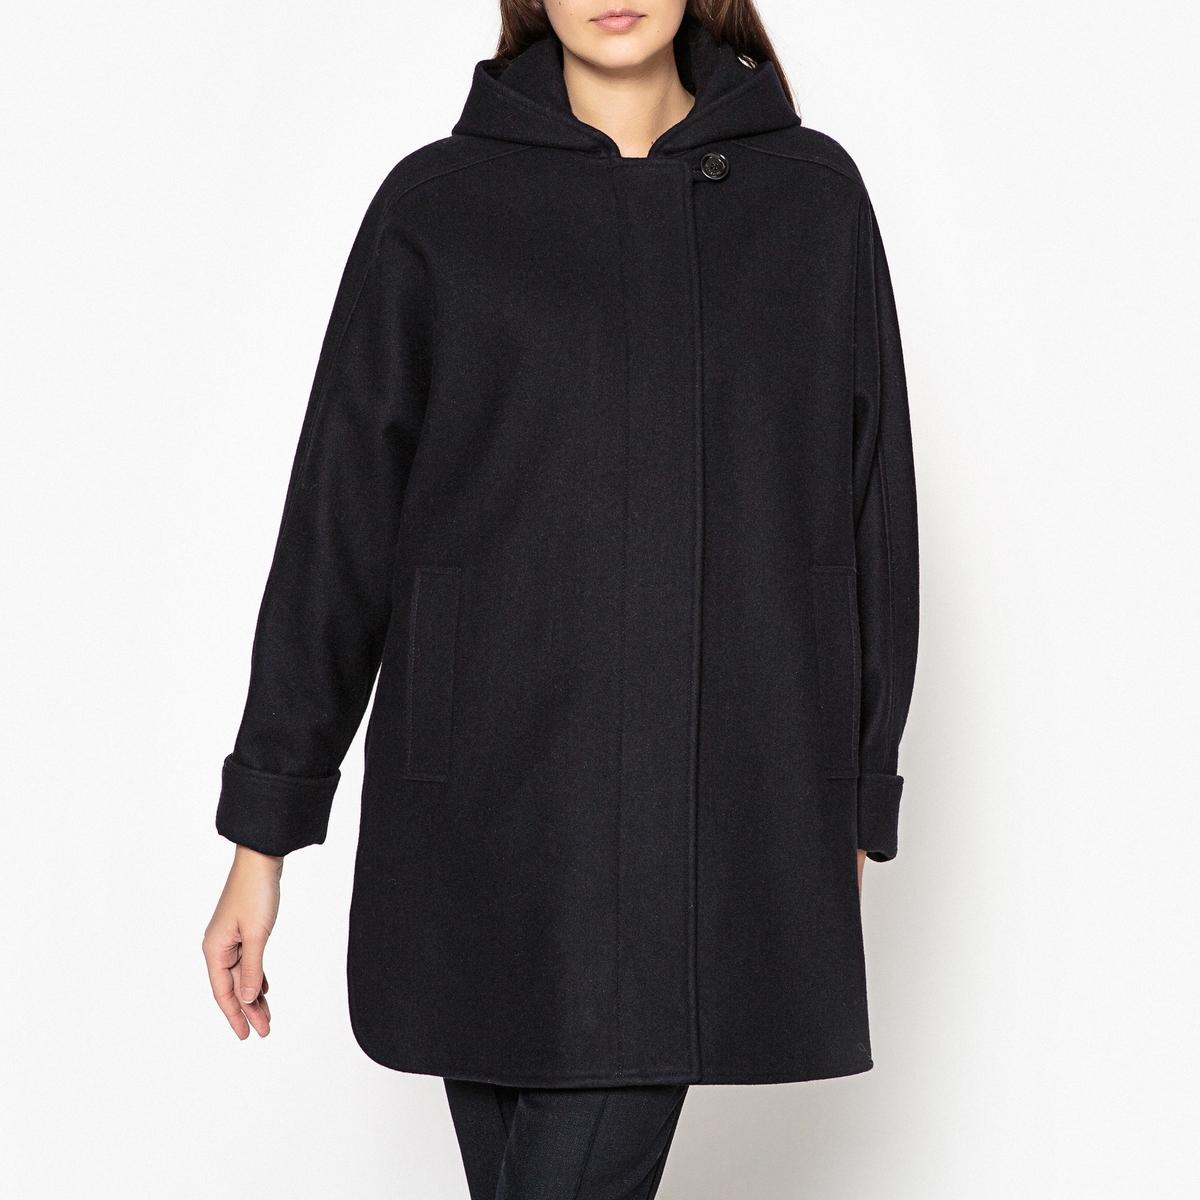 Пальто свободное с капюшоном NANAОписание:Пальто средней длины с капюшоном SESSUN - модель NANA широкий покрой из шерстяной ткани.Детали •  Длина : средняя •  Застежка на молнию •  С капюшономСостав и уход •  80% шерсти, 20% полиамида •  Следуйте советам по уходу, указанным на этикетке   •  2 боковых кармана •  Застёжка спереди<br><br>Цвет: темно-синий